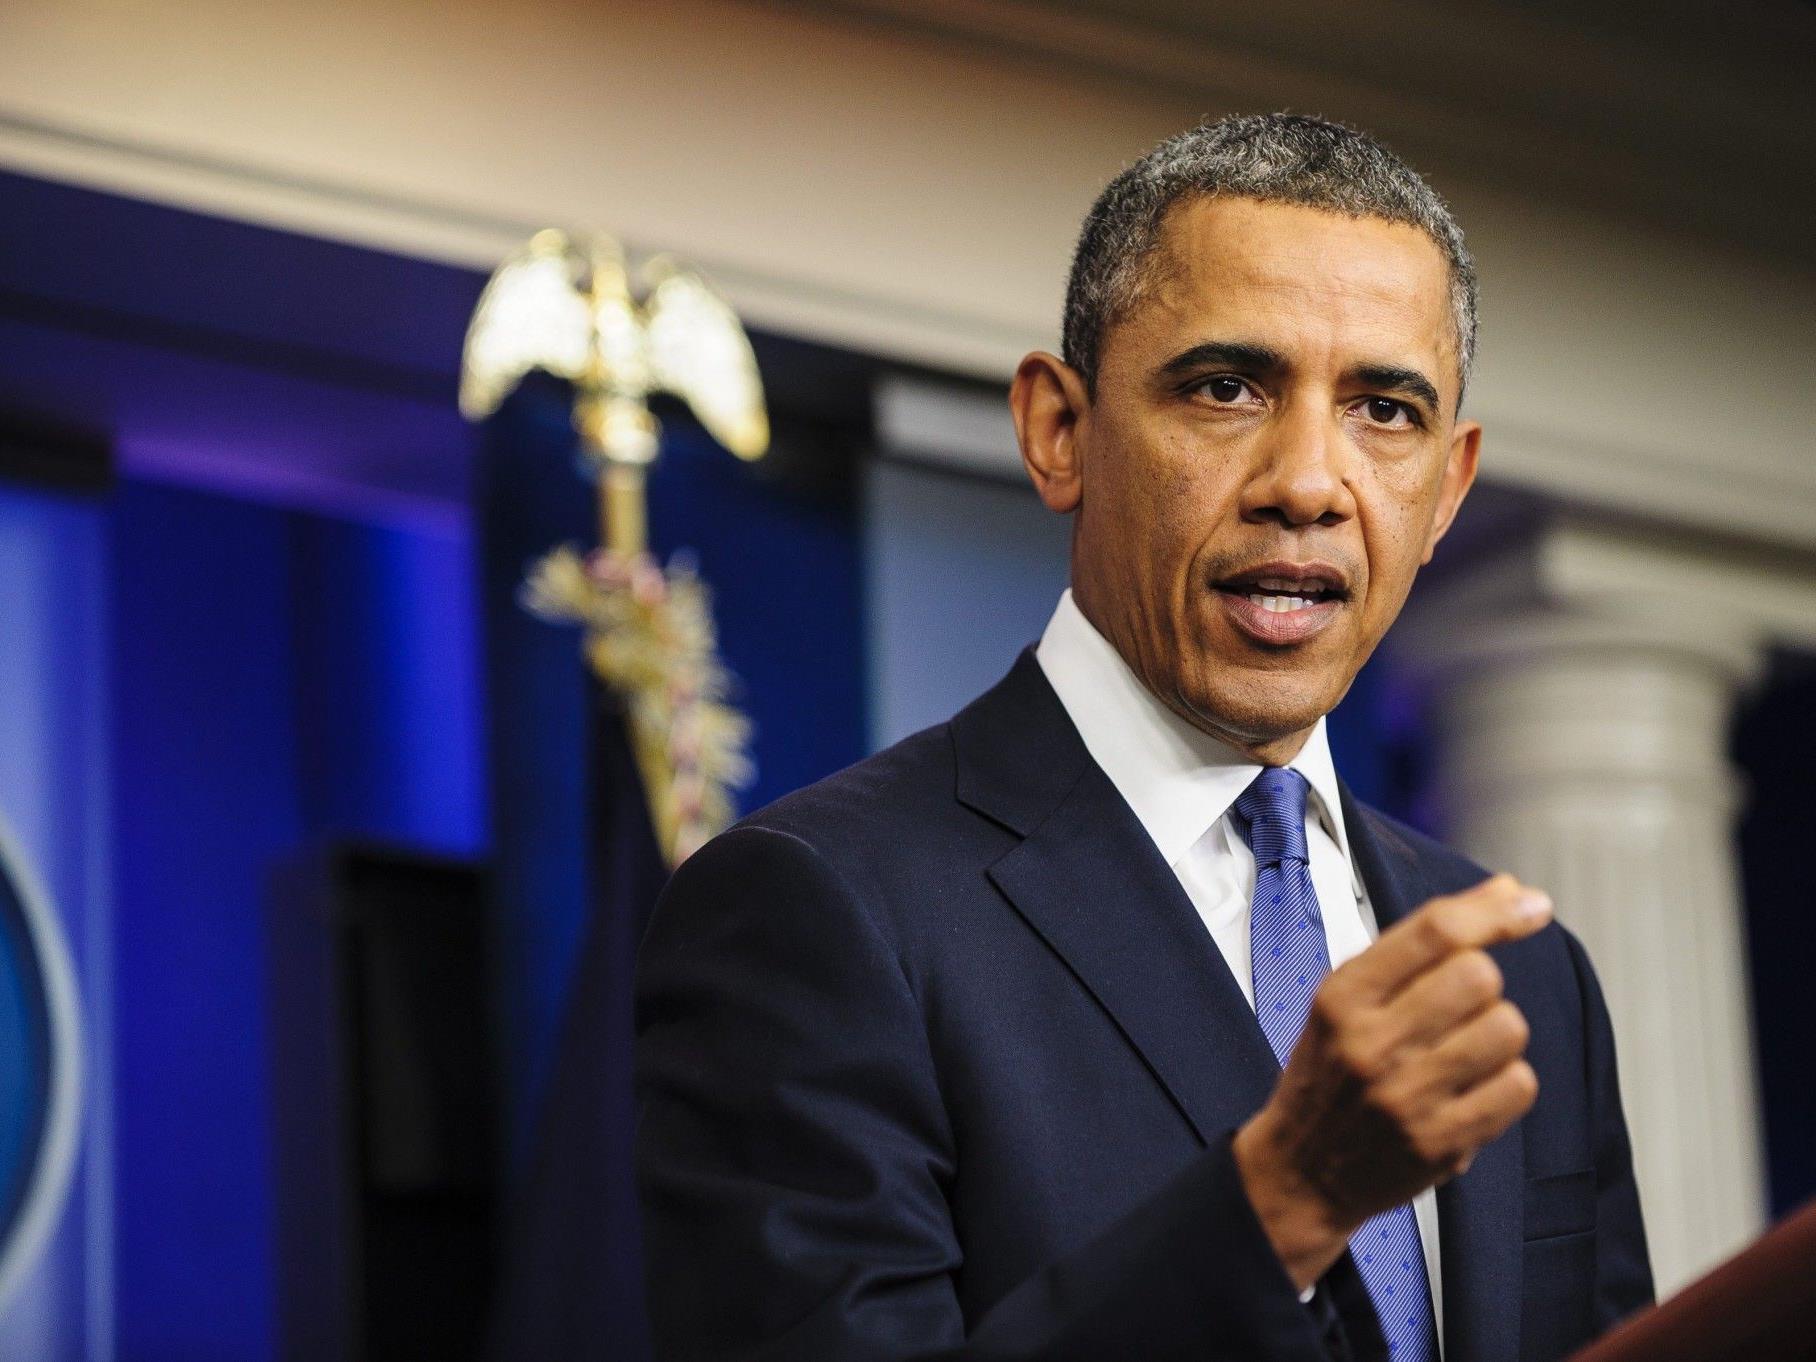 US-Präsident sieht Licht am Ende des Tunnels, der zu einem neuen US-Haushalt führen soll.